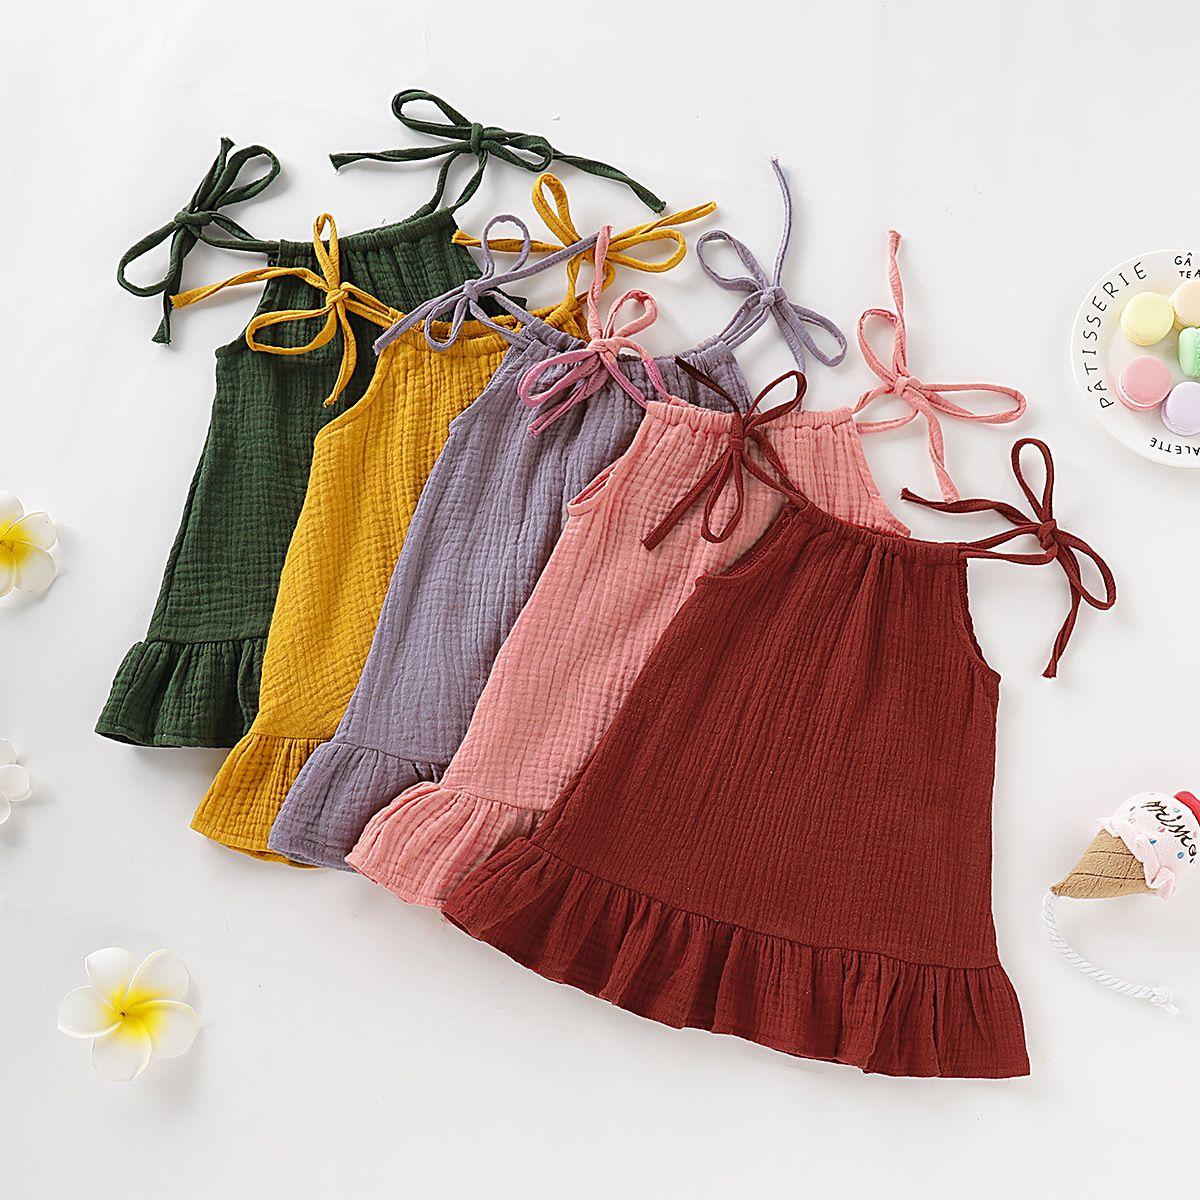 Kız bebekler Sling Katı Renk fırfır Elbise Yenidoğan Bebek Pamuk Keten Elbiseler 2020 Yaz Moda Butik Çocuk Tasarımcı Giyim M1503